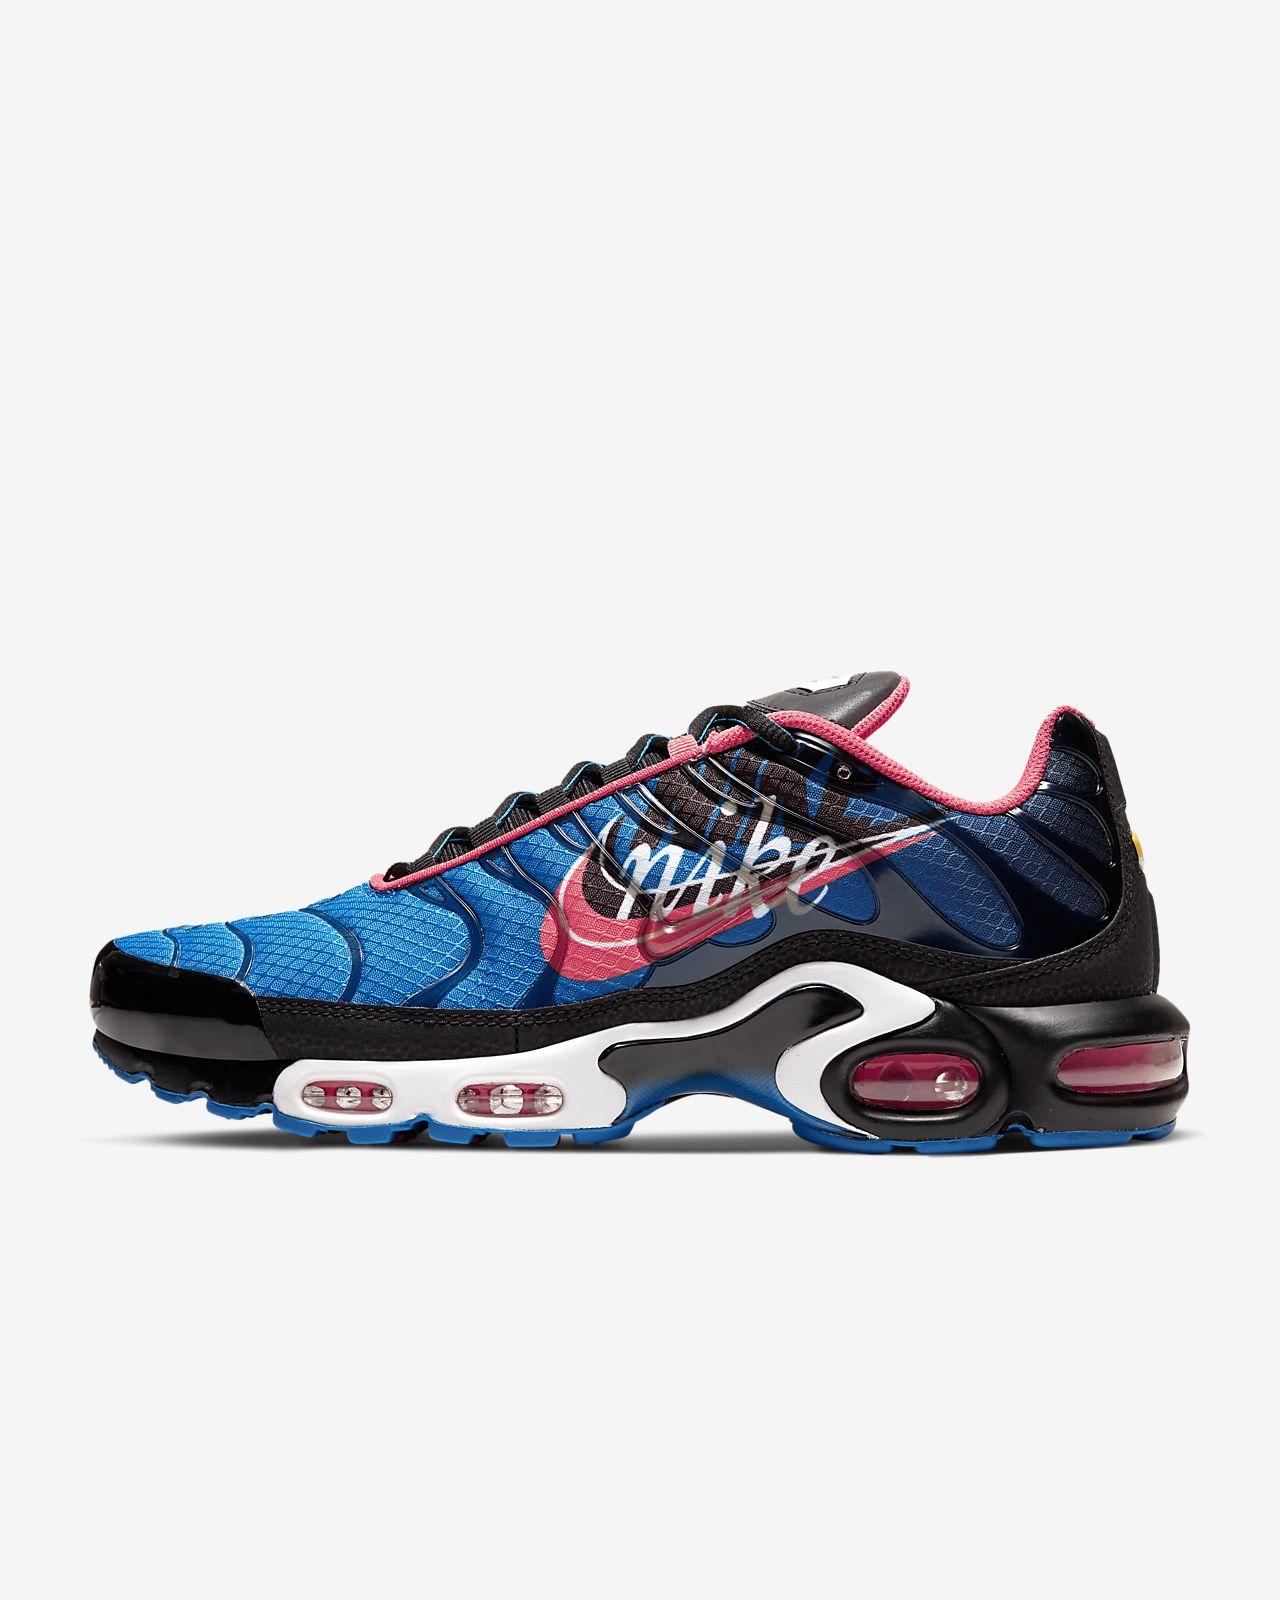 Nike Air Max Plus Herrenschuh